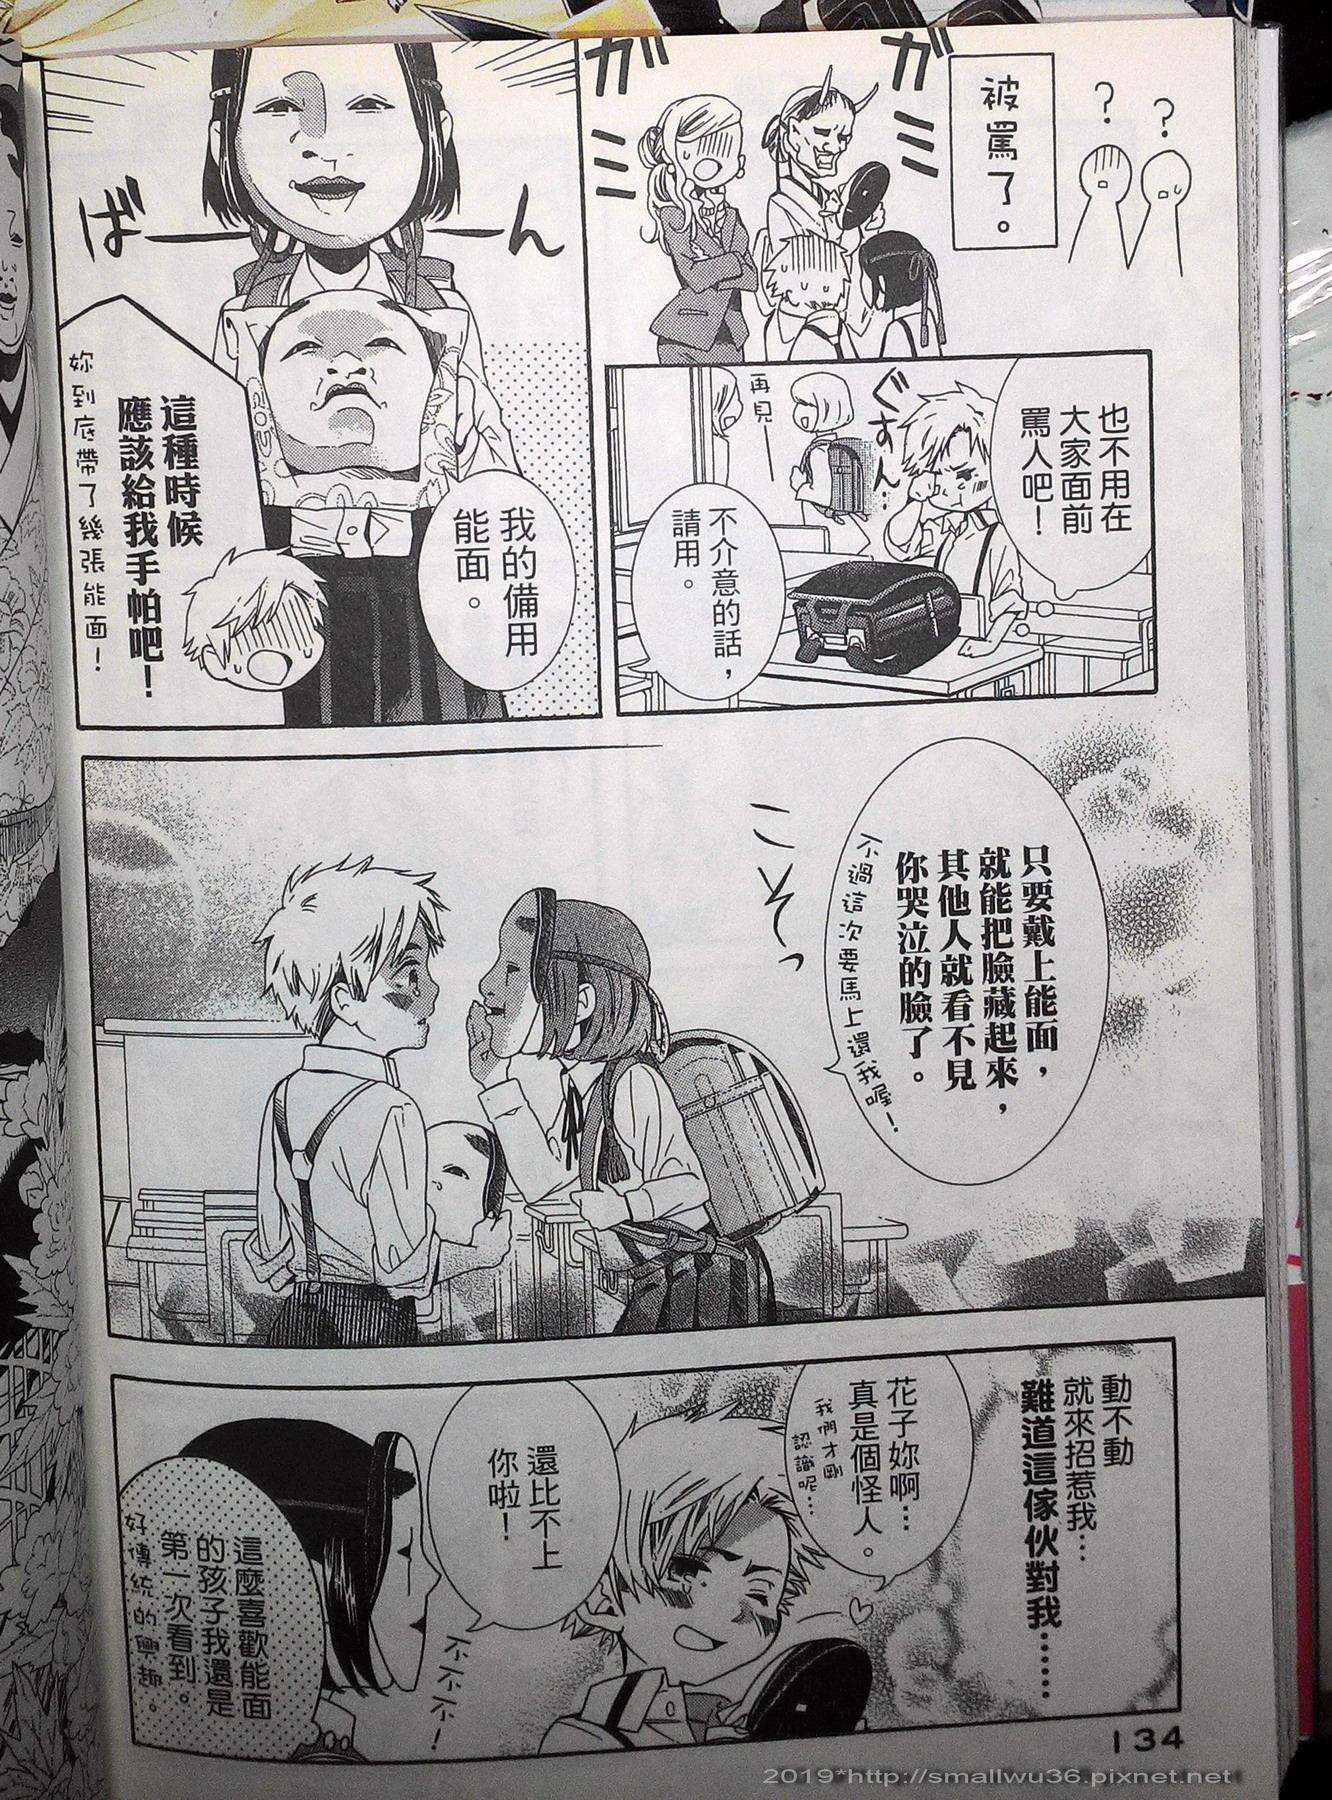 織田涼-能面女子花子同學 Vol_1-2 (2).jpg